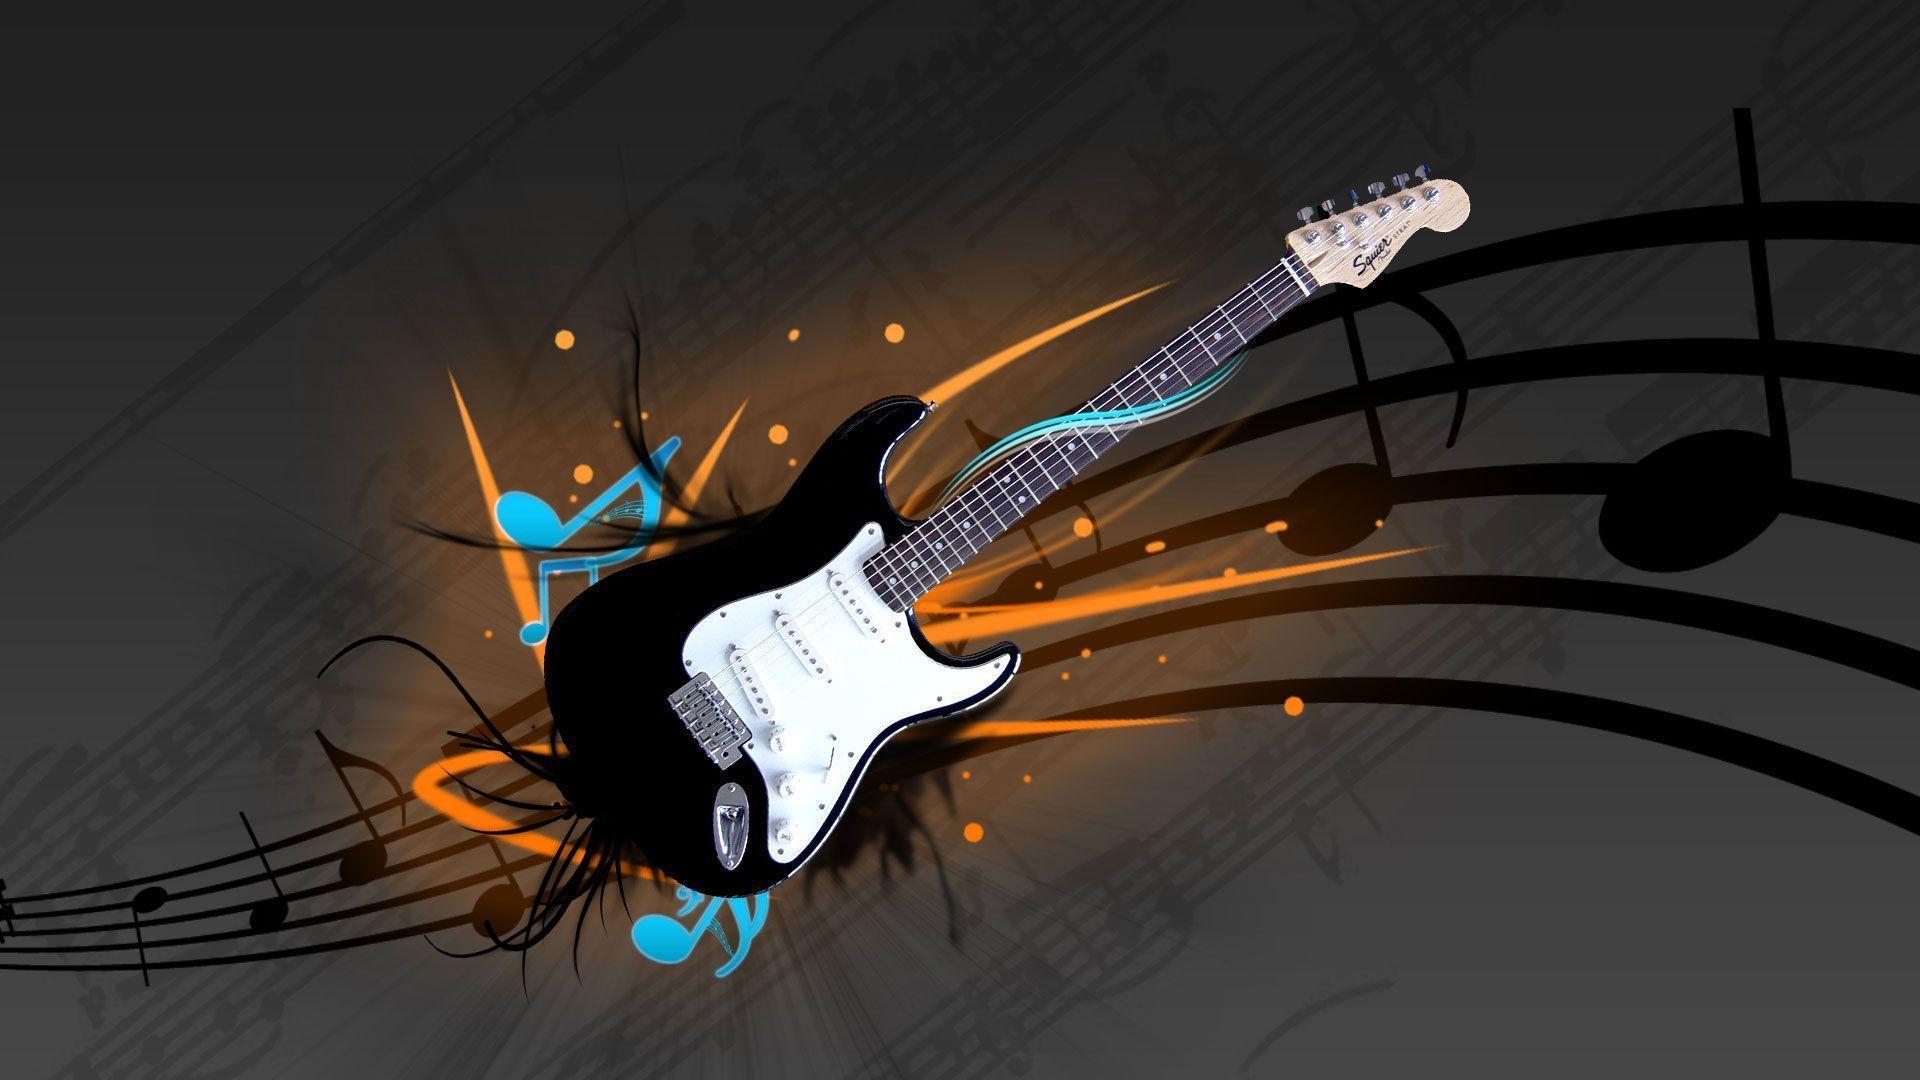 3d wallpaper hd guitar - WallpapersAK